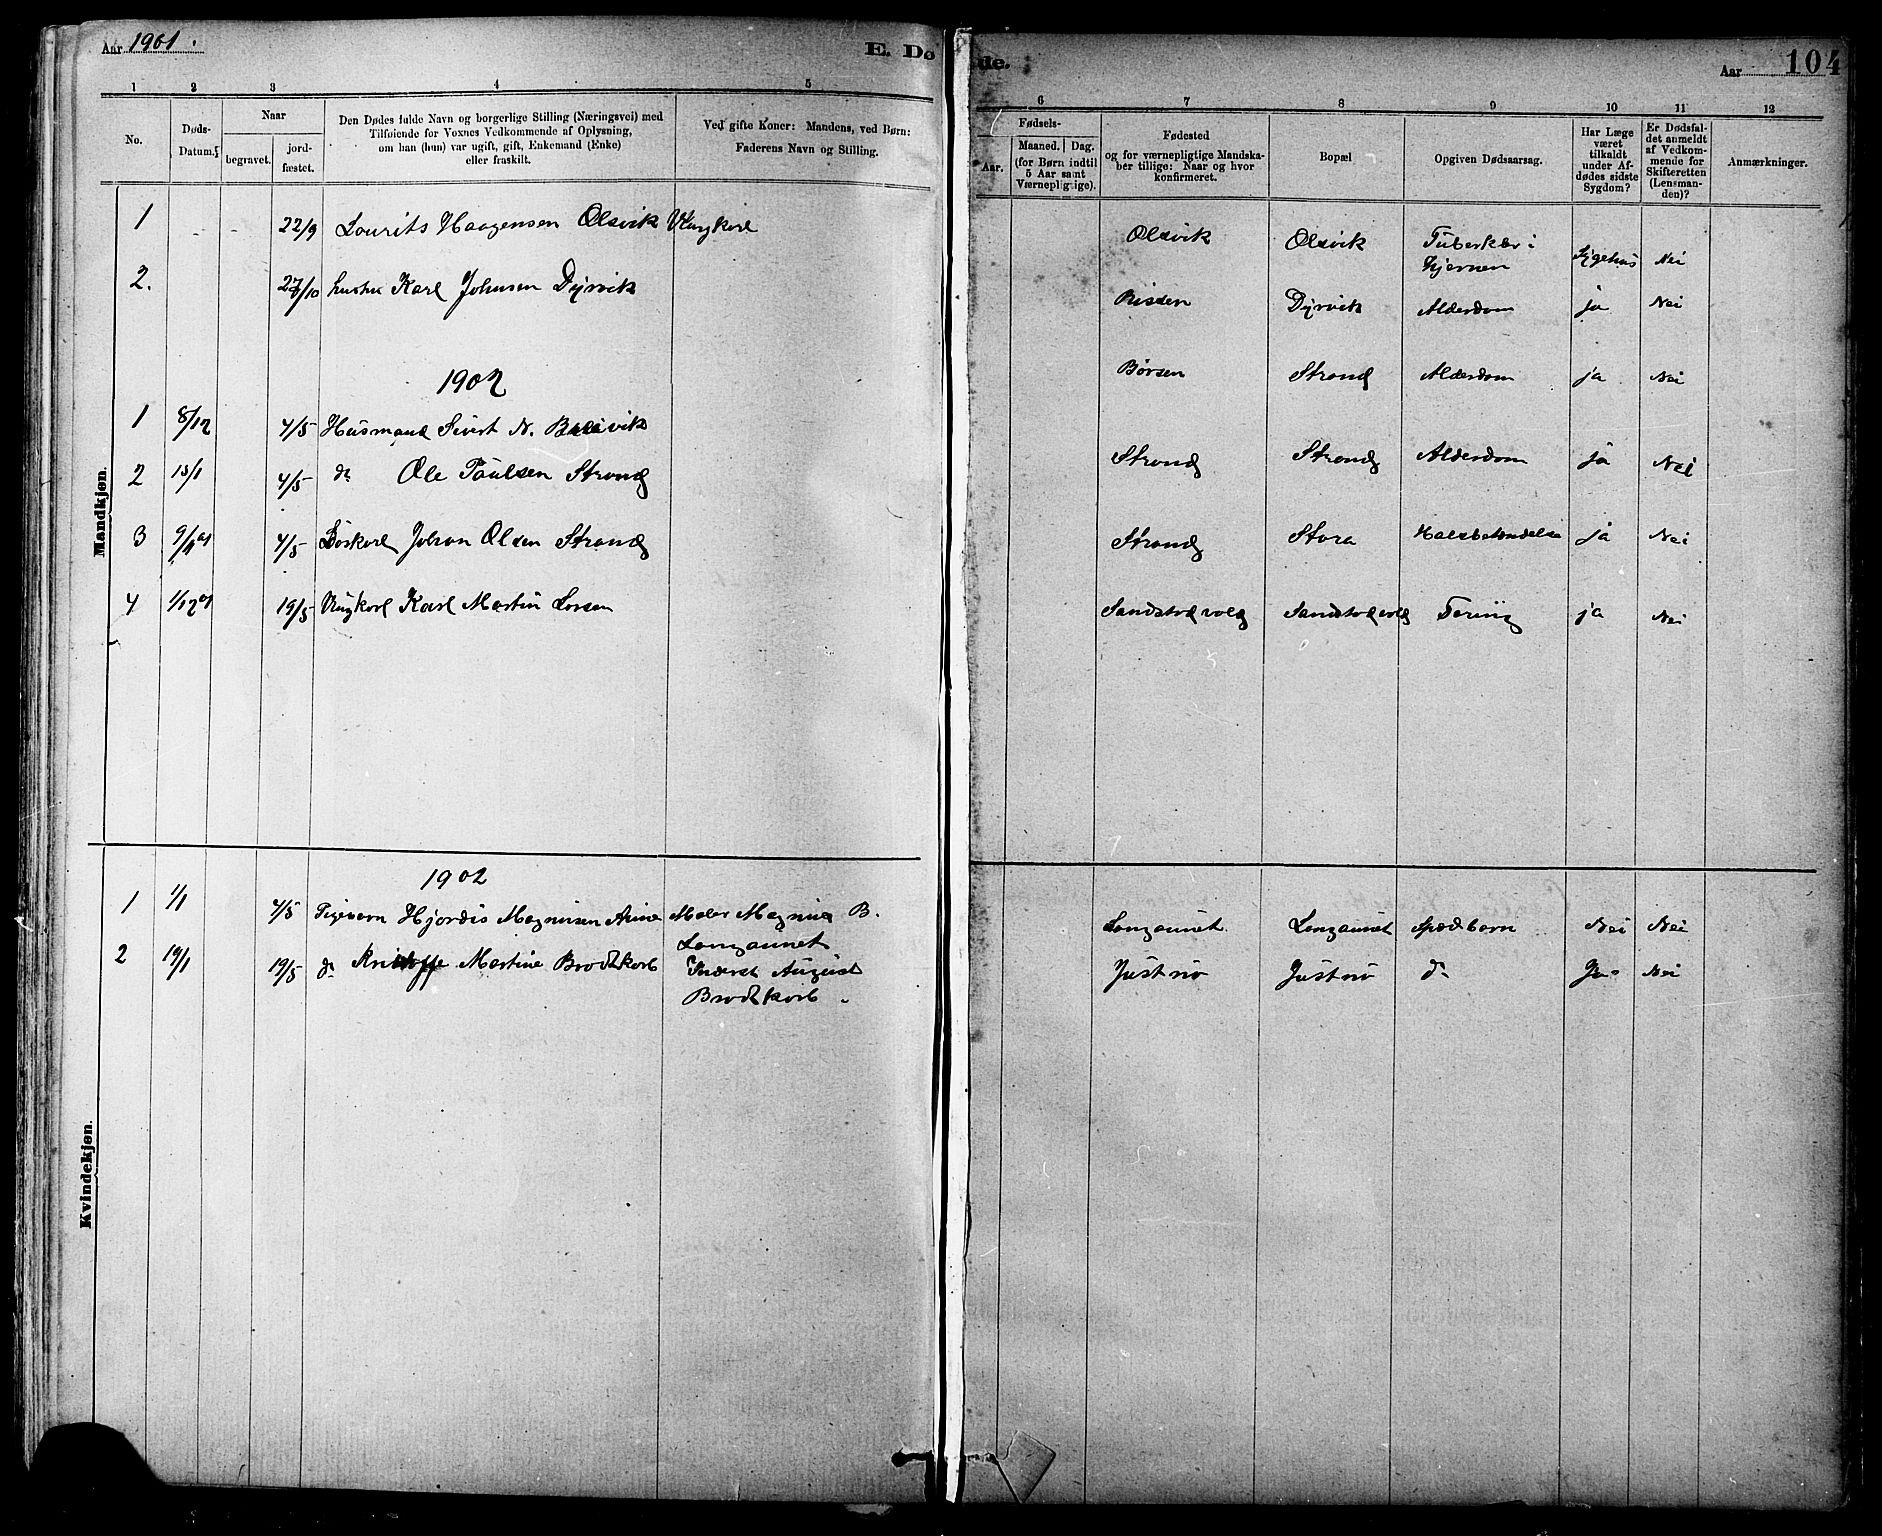 SAT, Ministerialprotokoller, klokkerbøker og fødselsregistre - Sør-Trøndelag, 639/L0573: Klokkerbok nr. 639C01, 1890-1905, s. 104